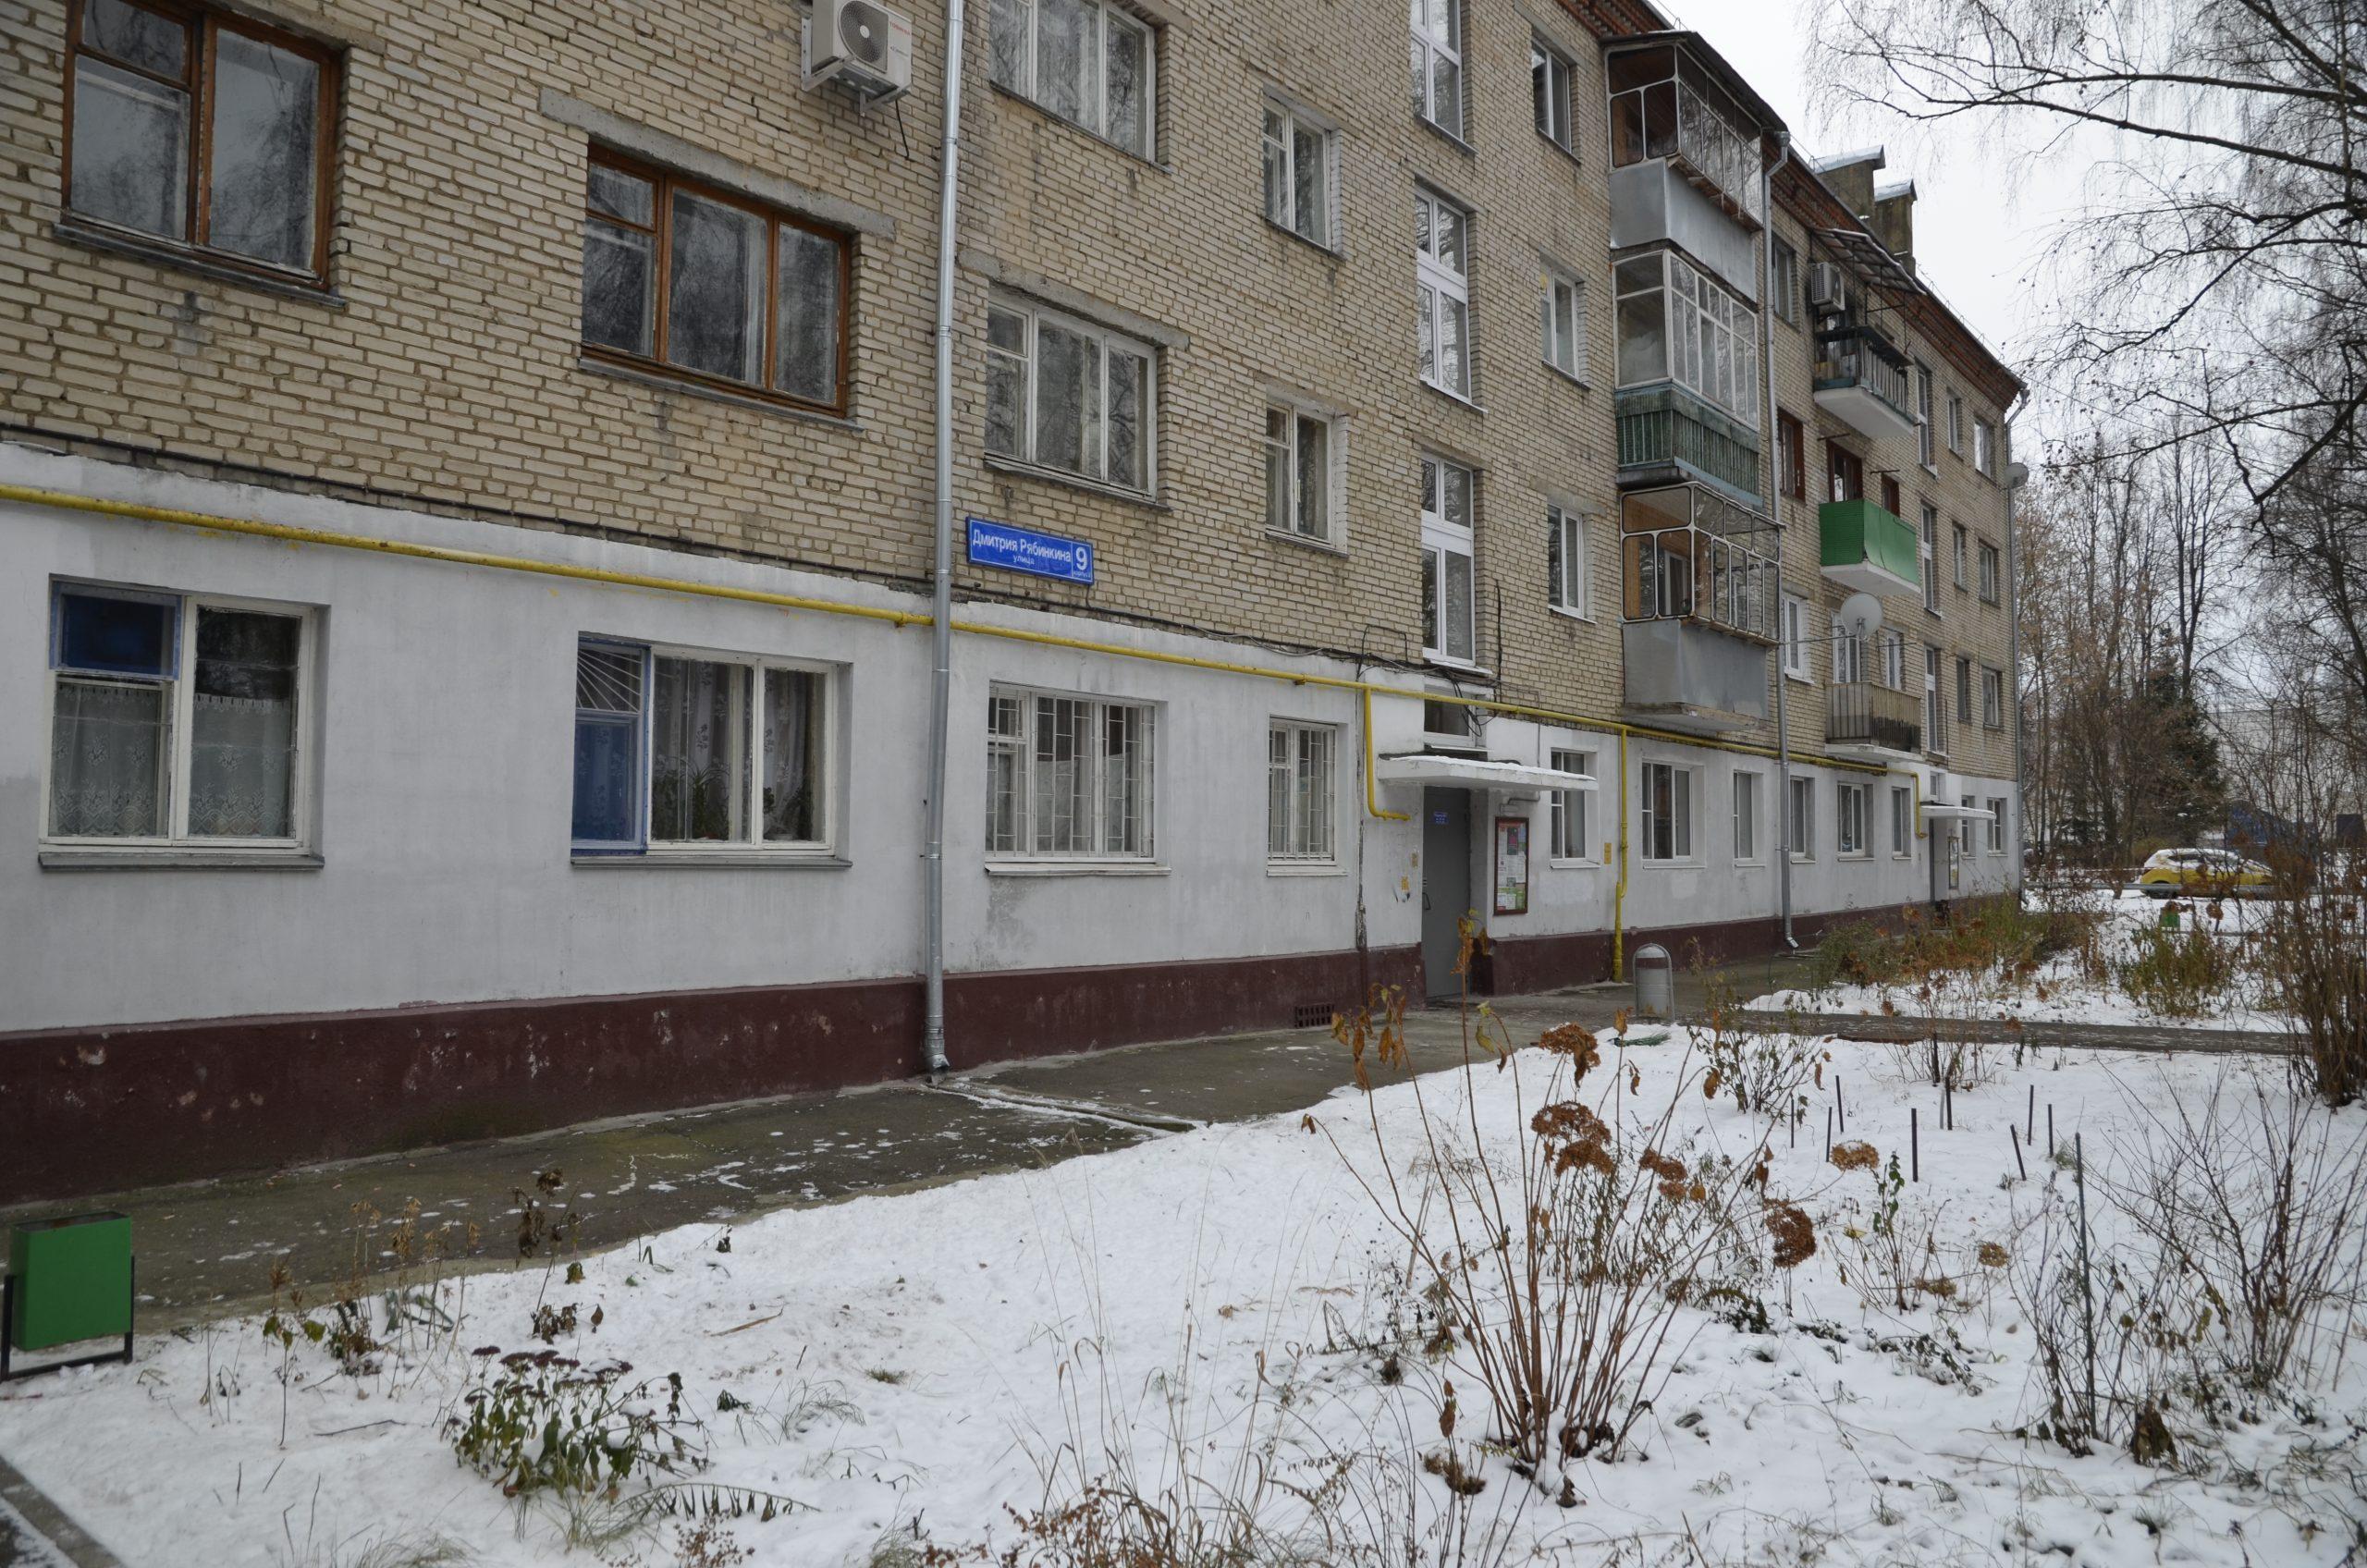 Ремонт крыш 44 домов запланировали в Новой Москве